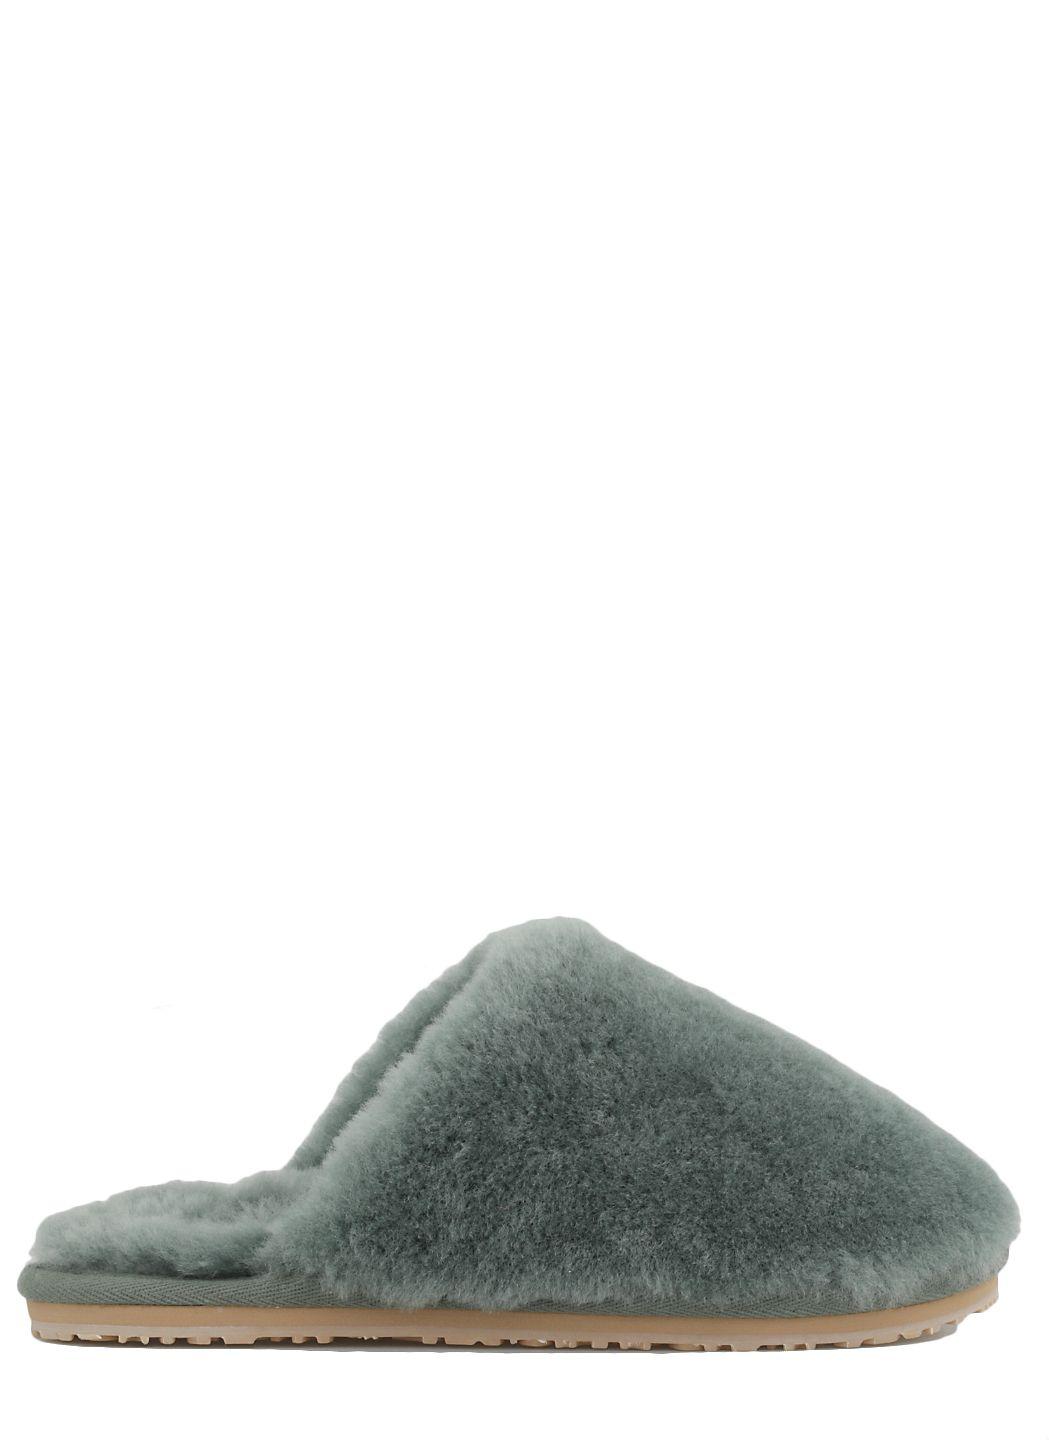 Closed toe sheepskin fur slipper